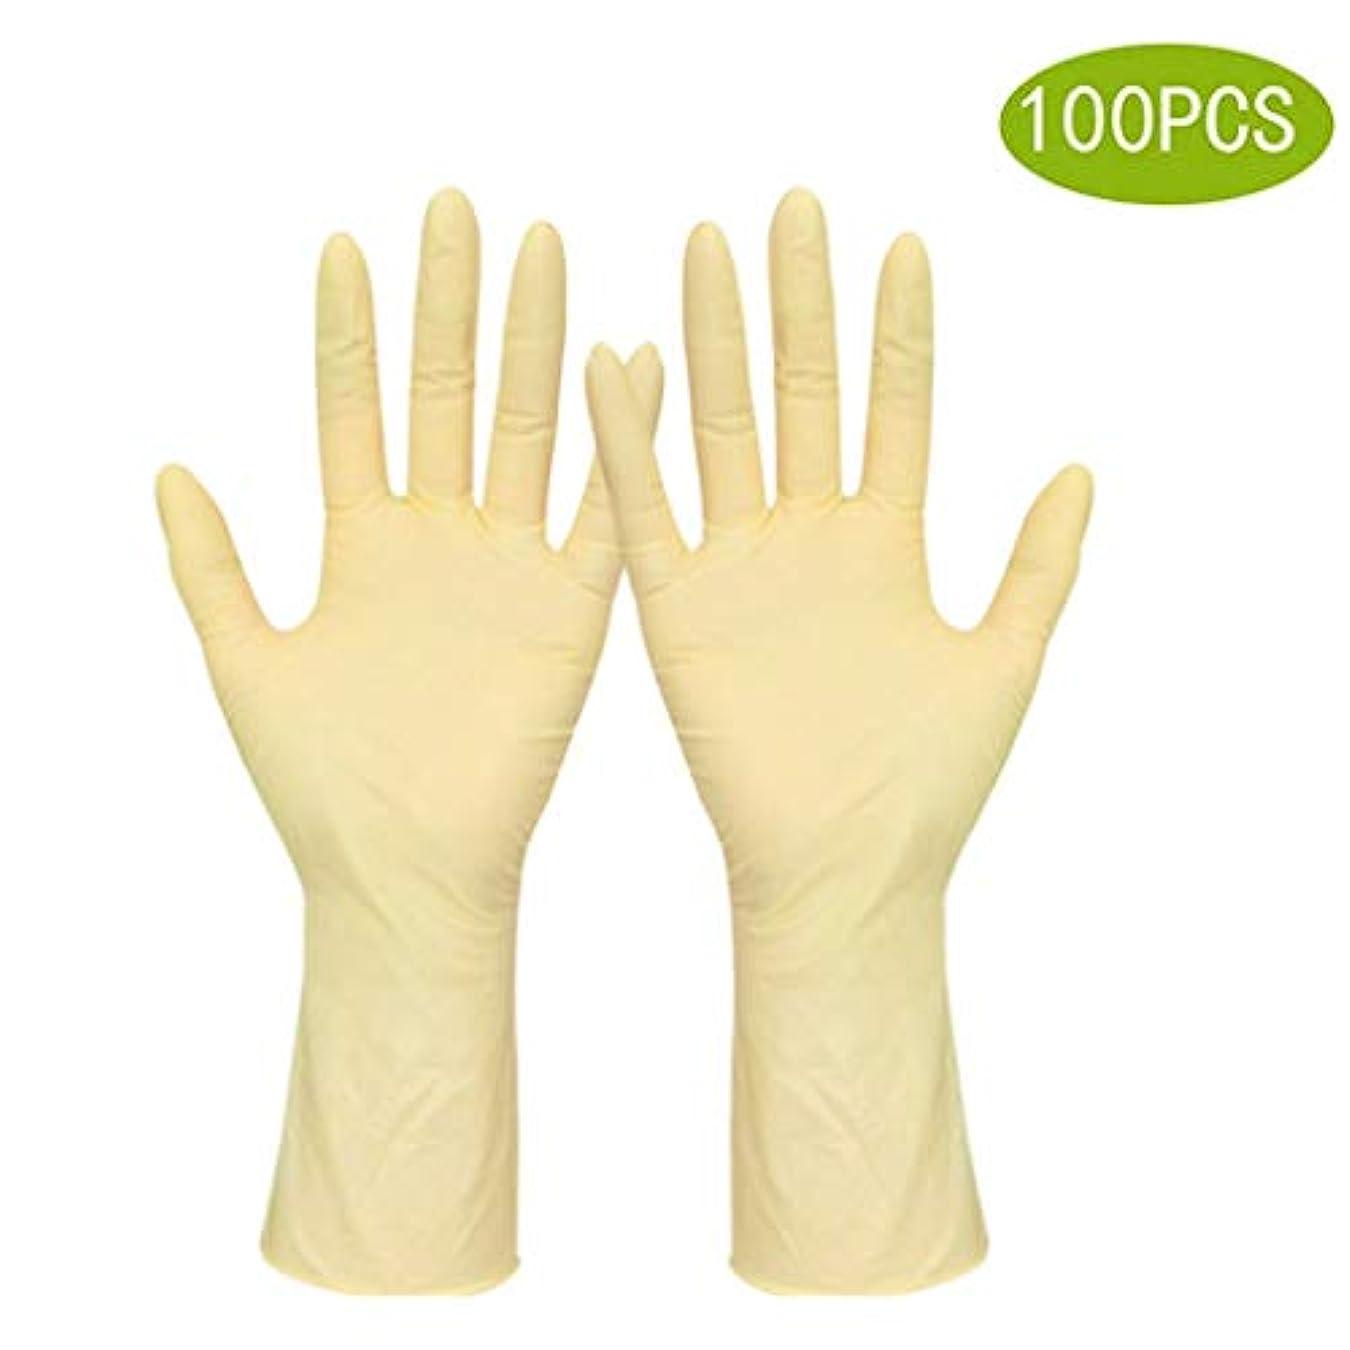 キャンベラに話すラビリンスラテックス手袋4ミル使い捨て手袋 - 試験グレード、パウダーフリー、テクスチャード加工、非滅菌、小、100個入り (Size : S)